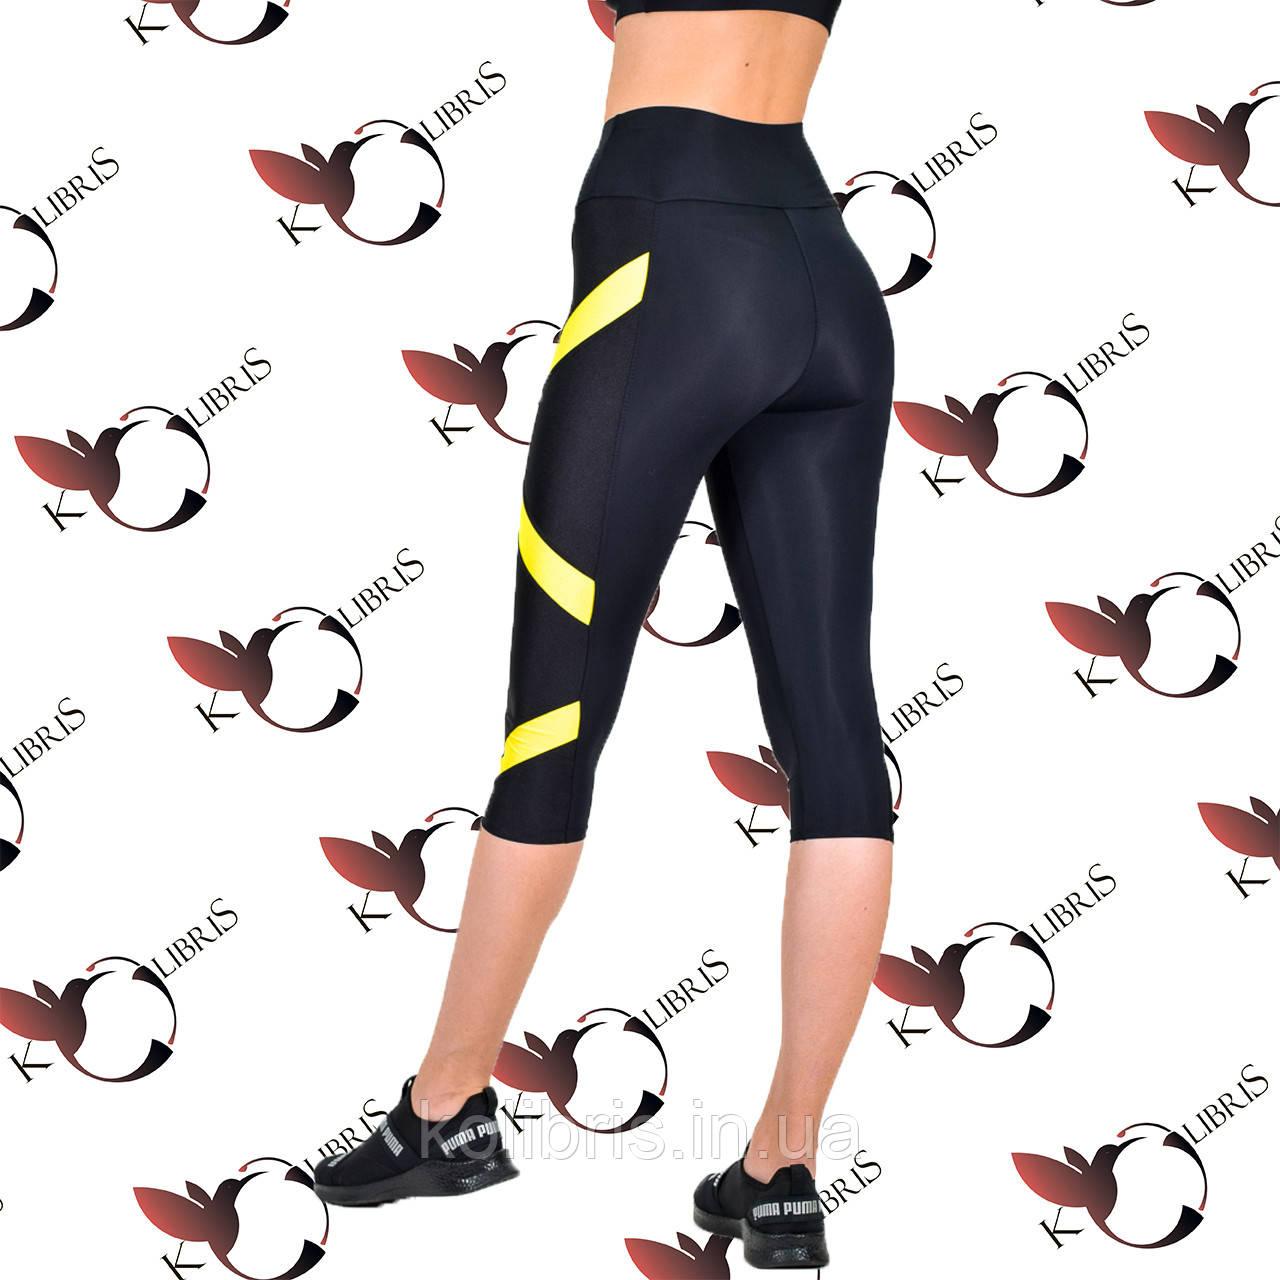 Женские спортивные бриджи черные со вставками желтого бифлекса